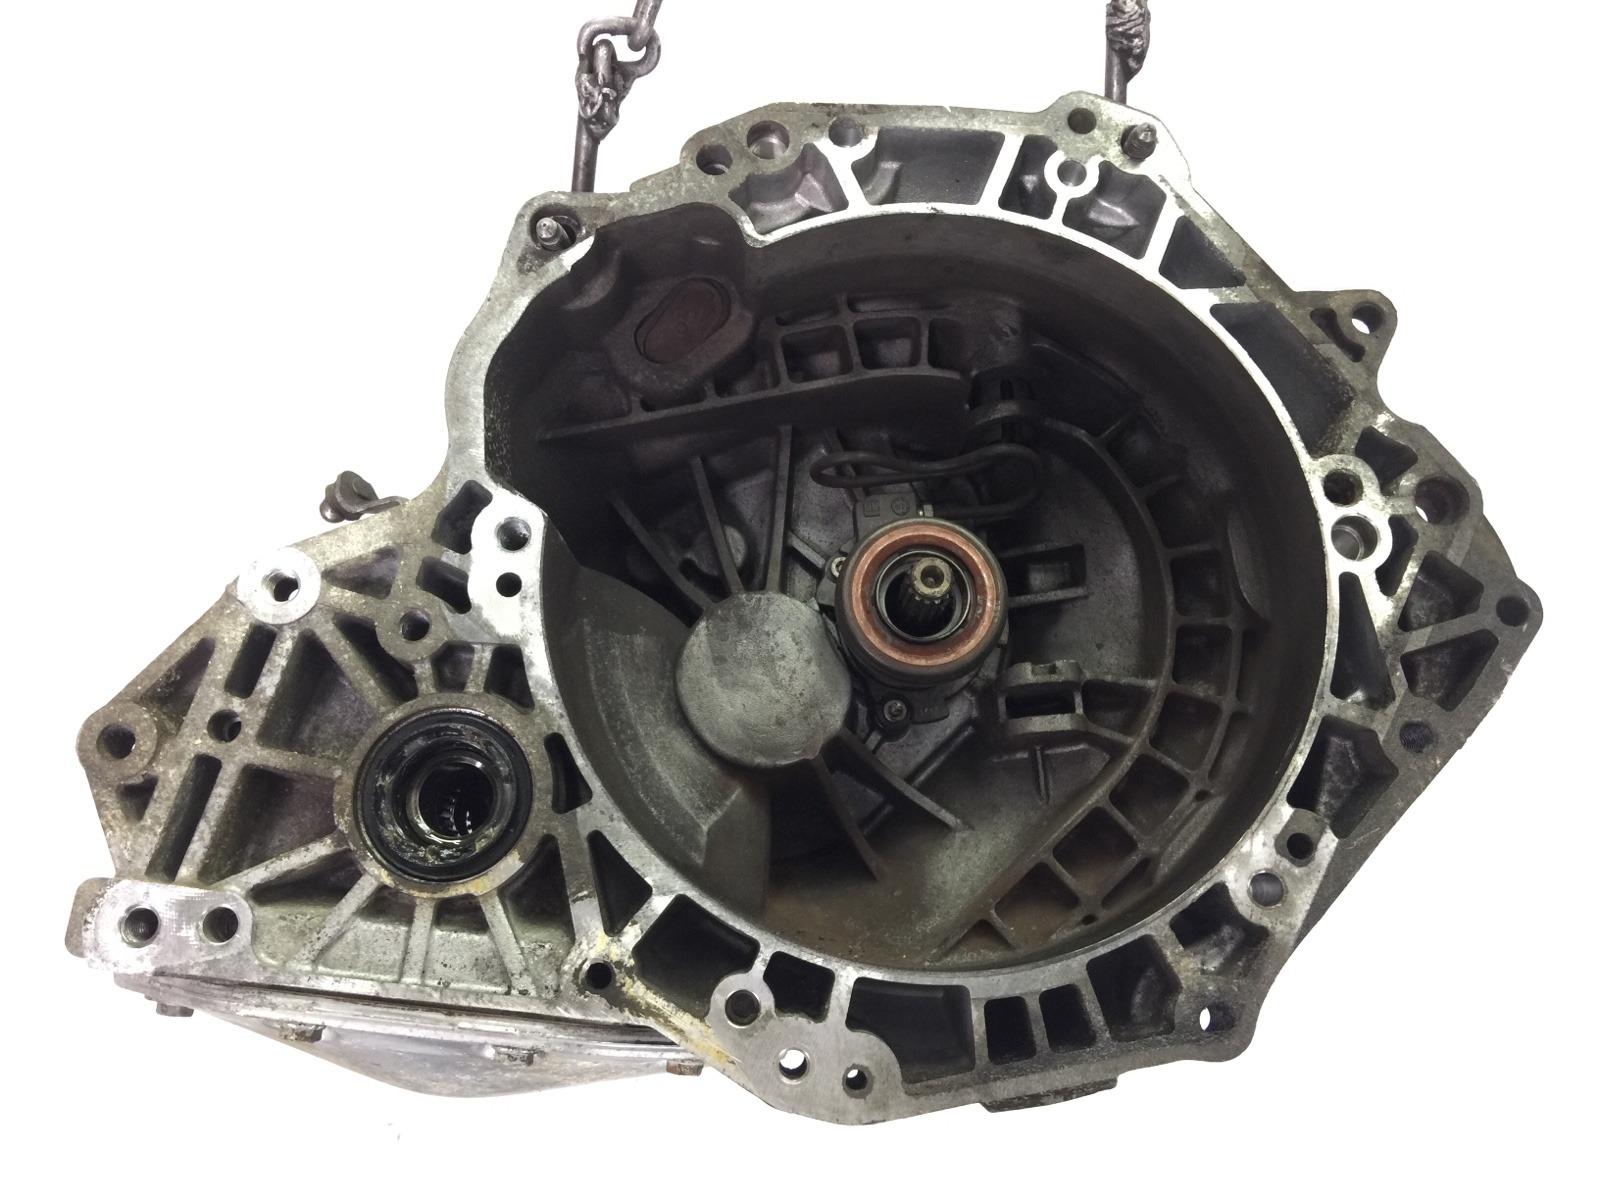 Кпп механическая (мкпп) Opel Corsa D 1.3 CDTI 2007 (б/у)